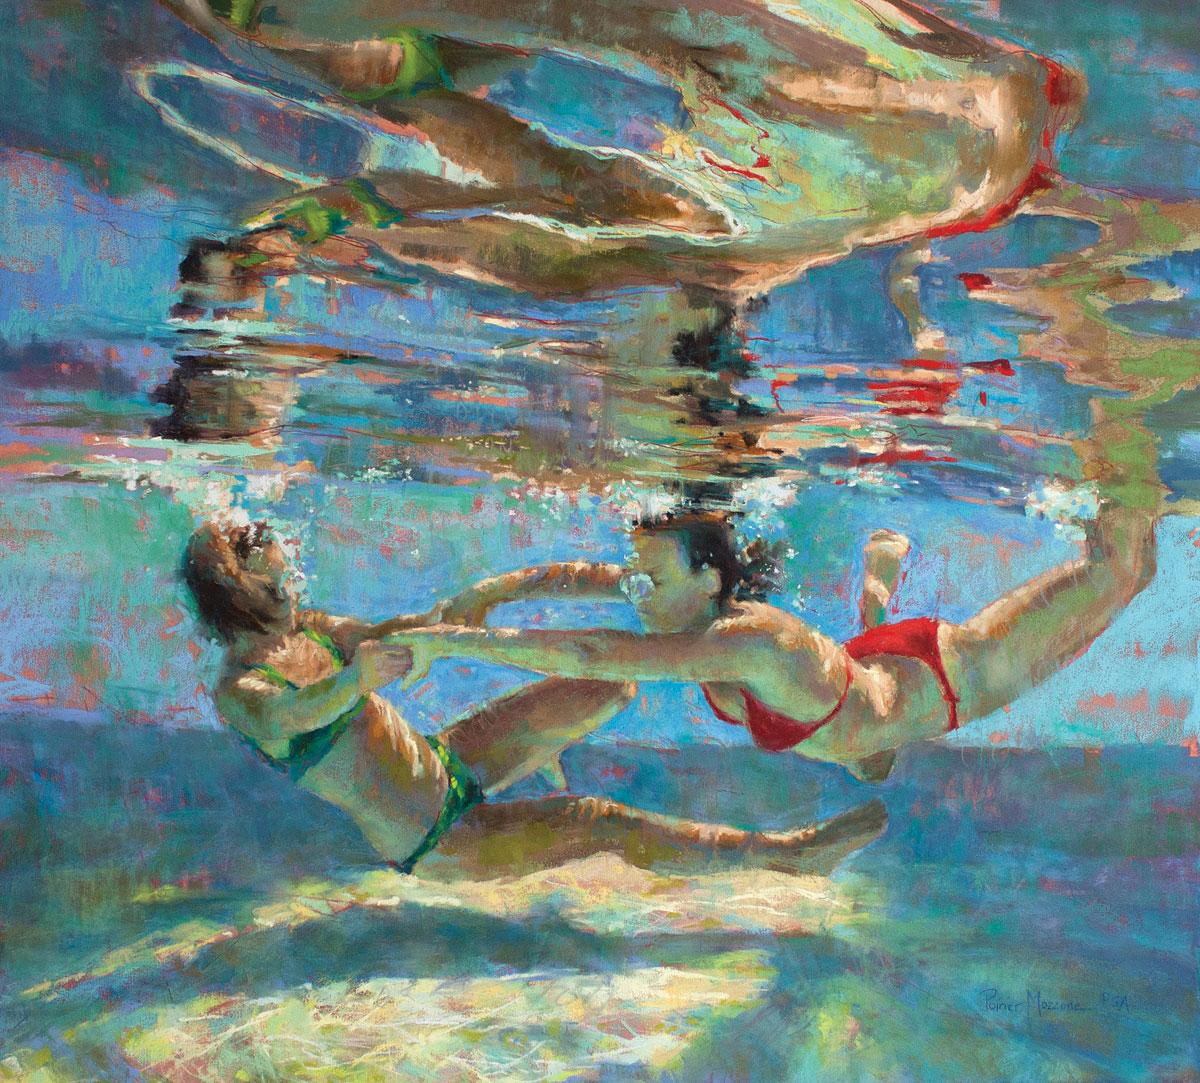 Poirier-Mozzone-underwater-scenes-Alliance-Final-ArtistsNetwork